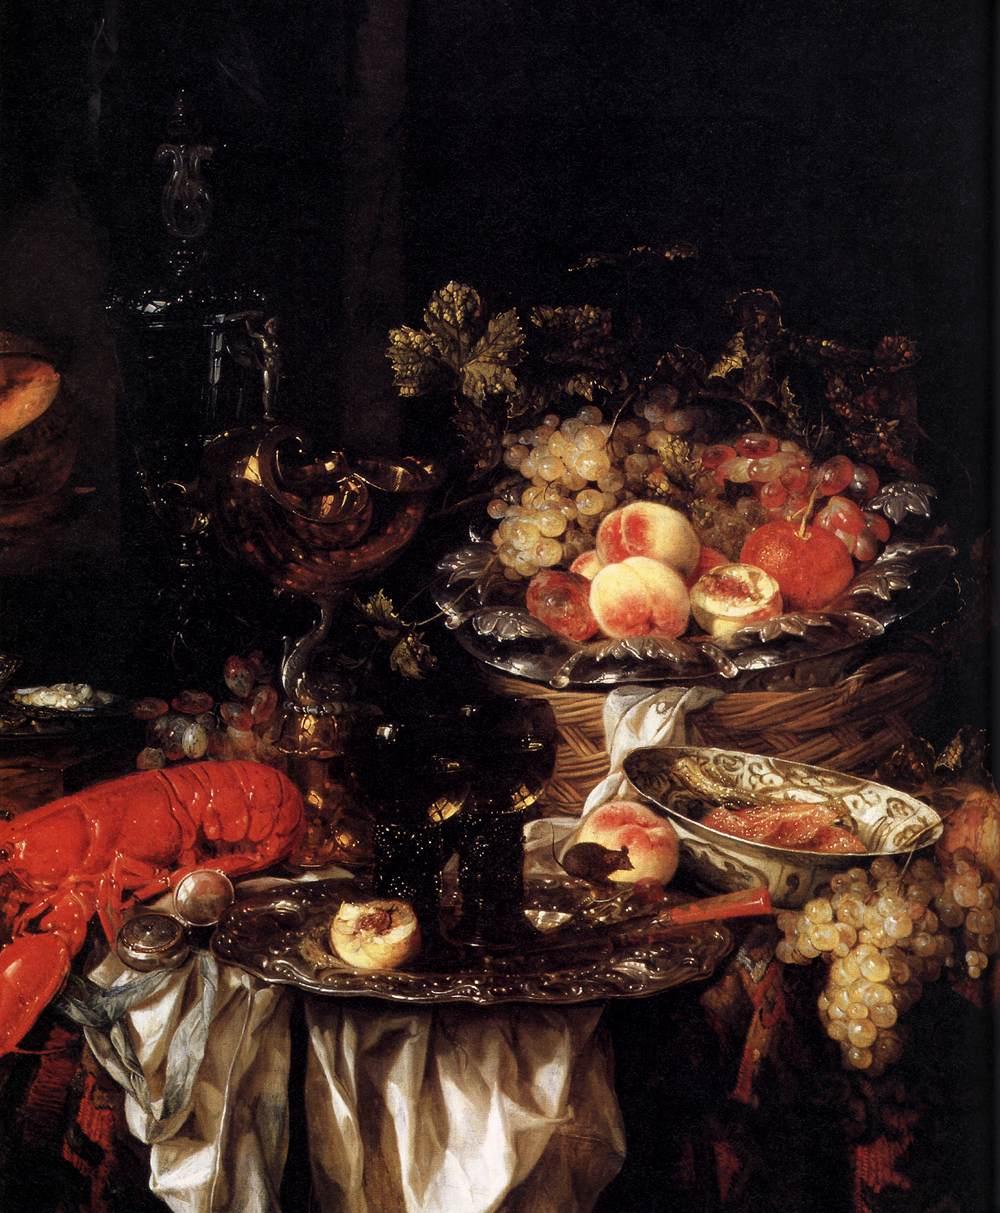 Abraham van Beyeren | Banquet Hall Still Life with a Mouse